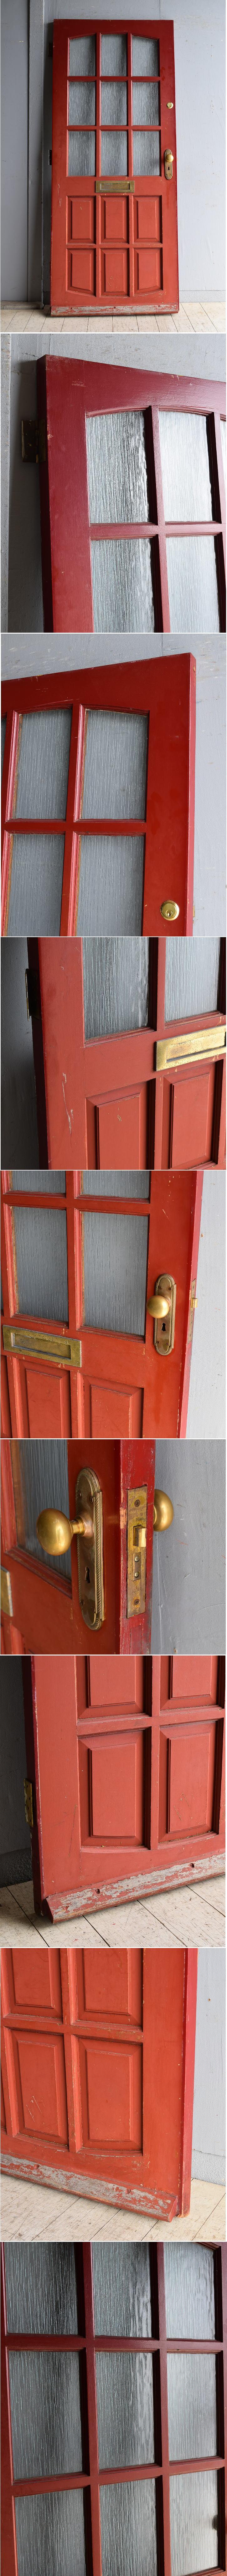 イギリス アンティーク ドア 扉 建具 8415